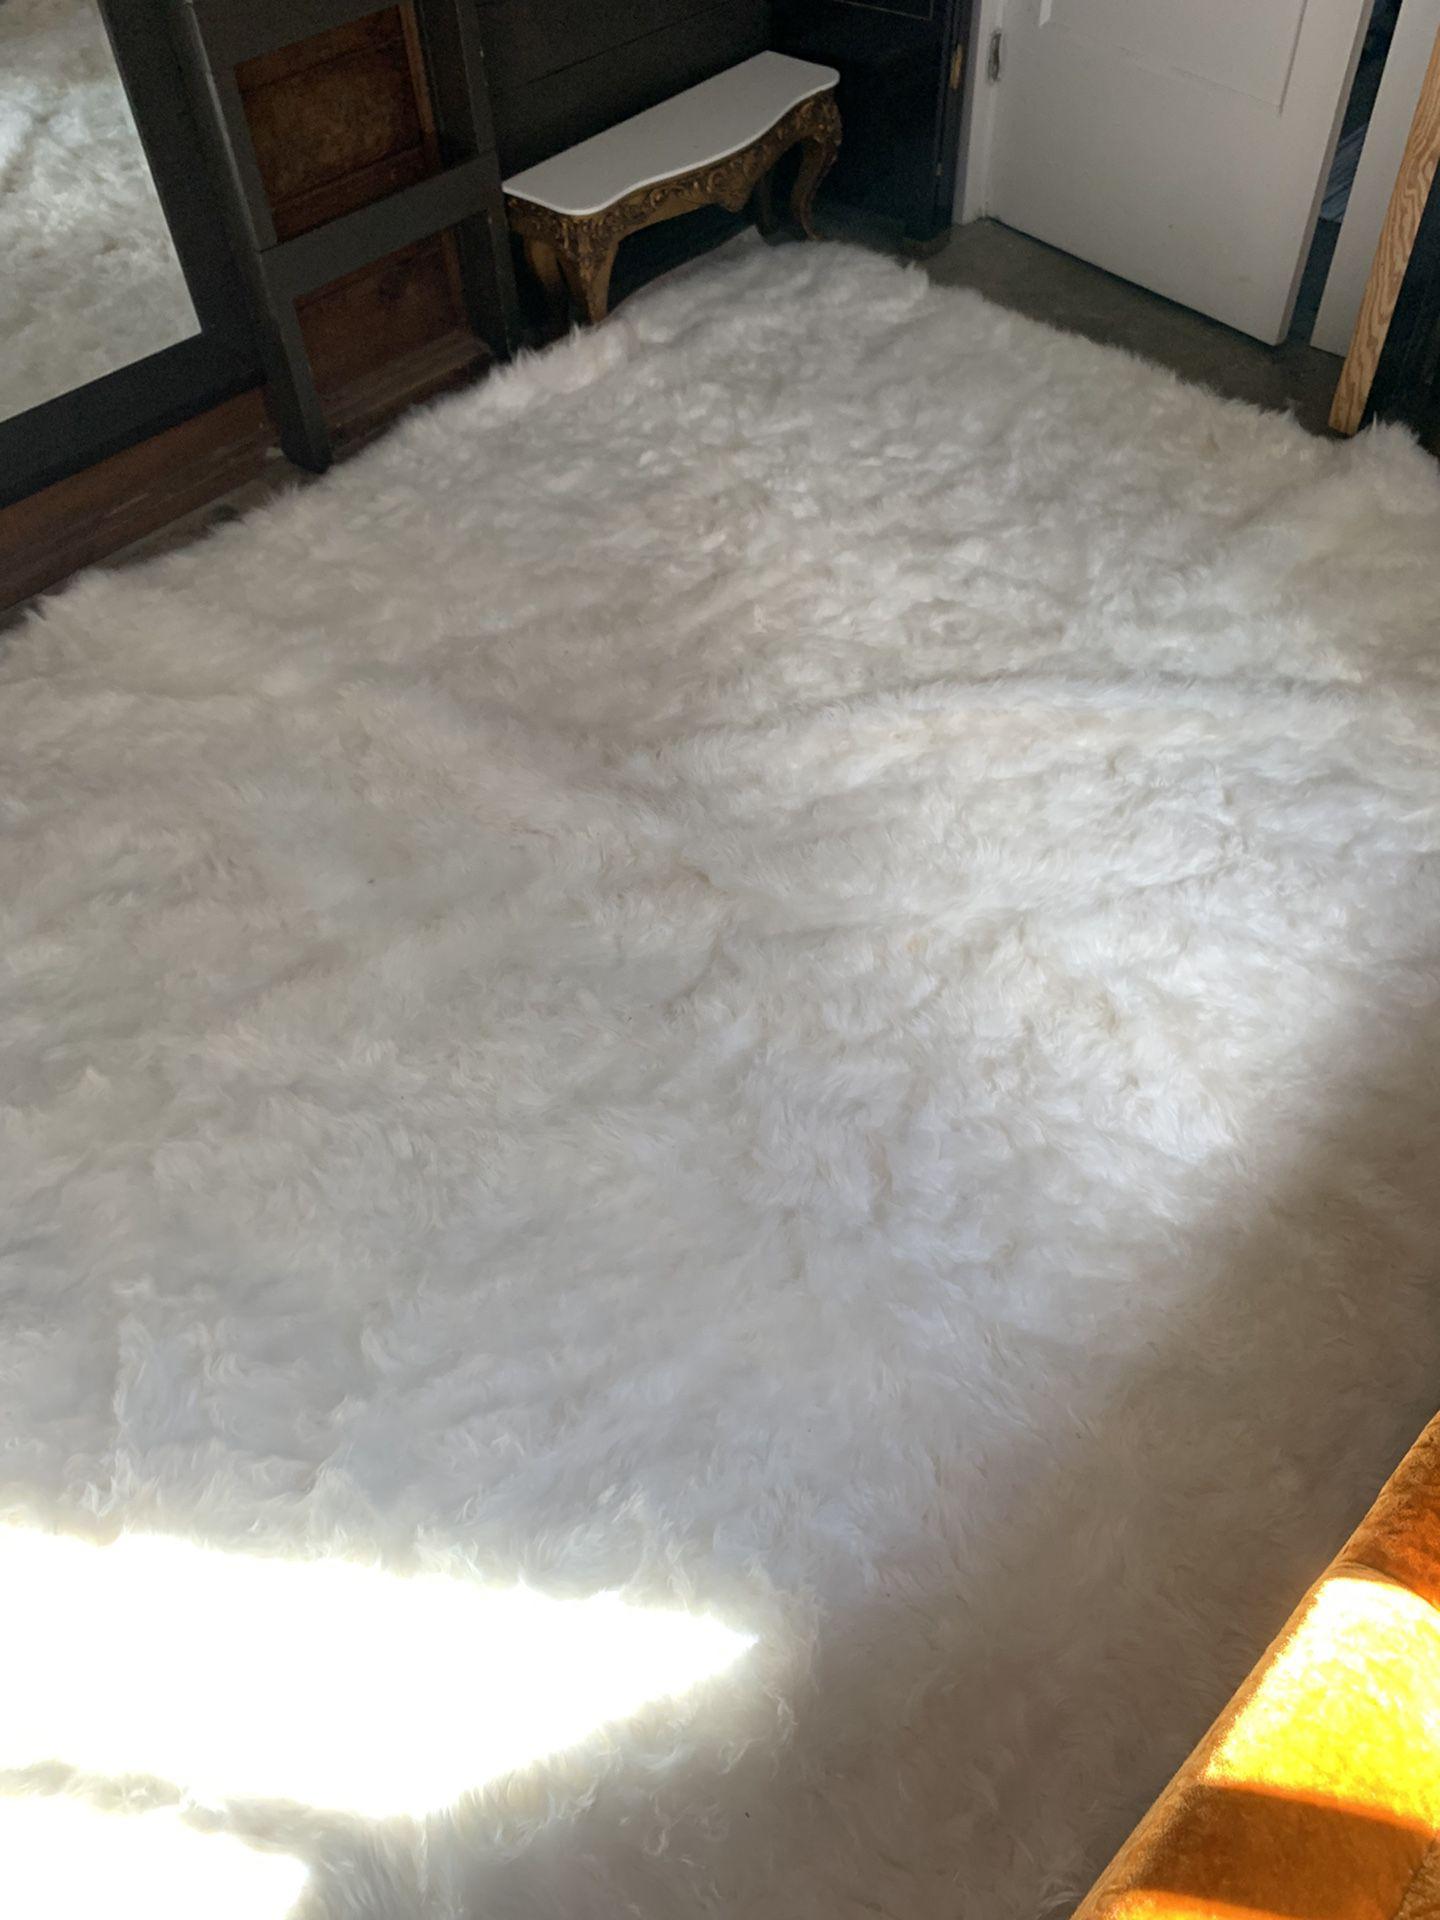 Faux Fur nuLoom Rug 6'x9'